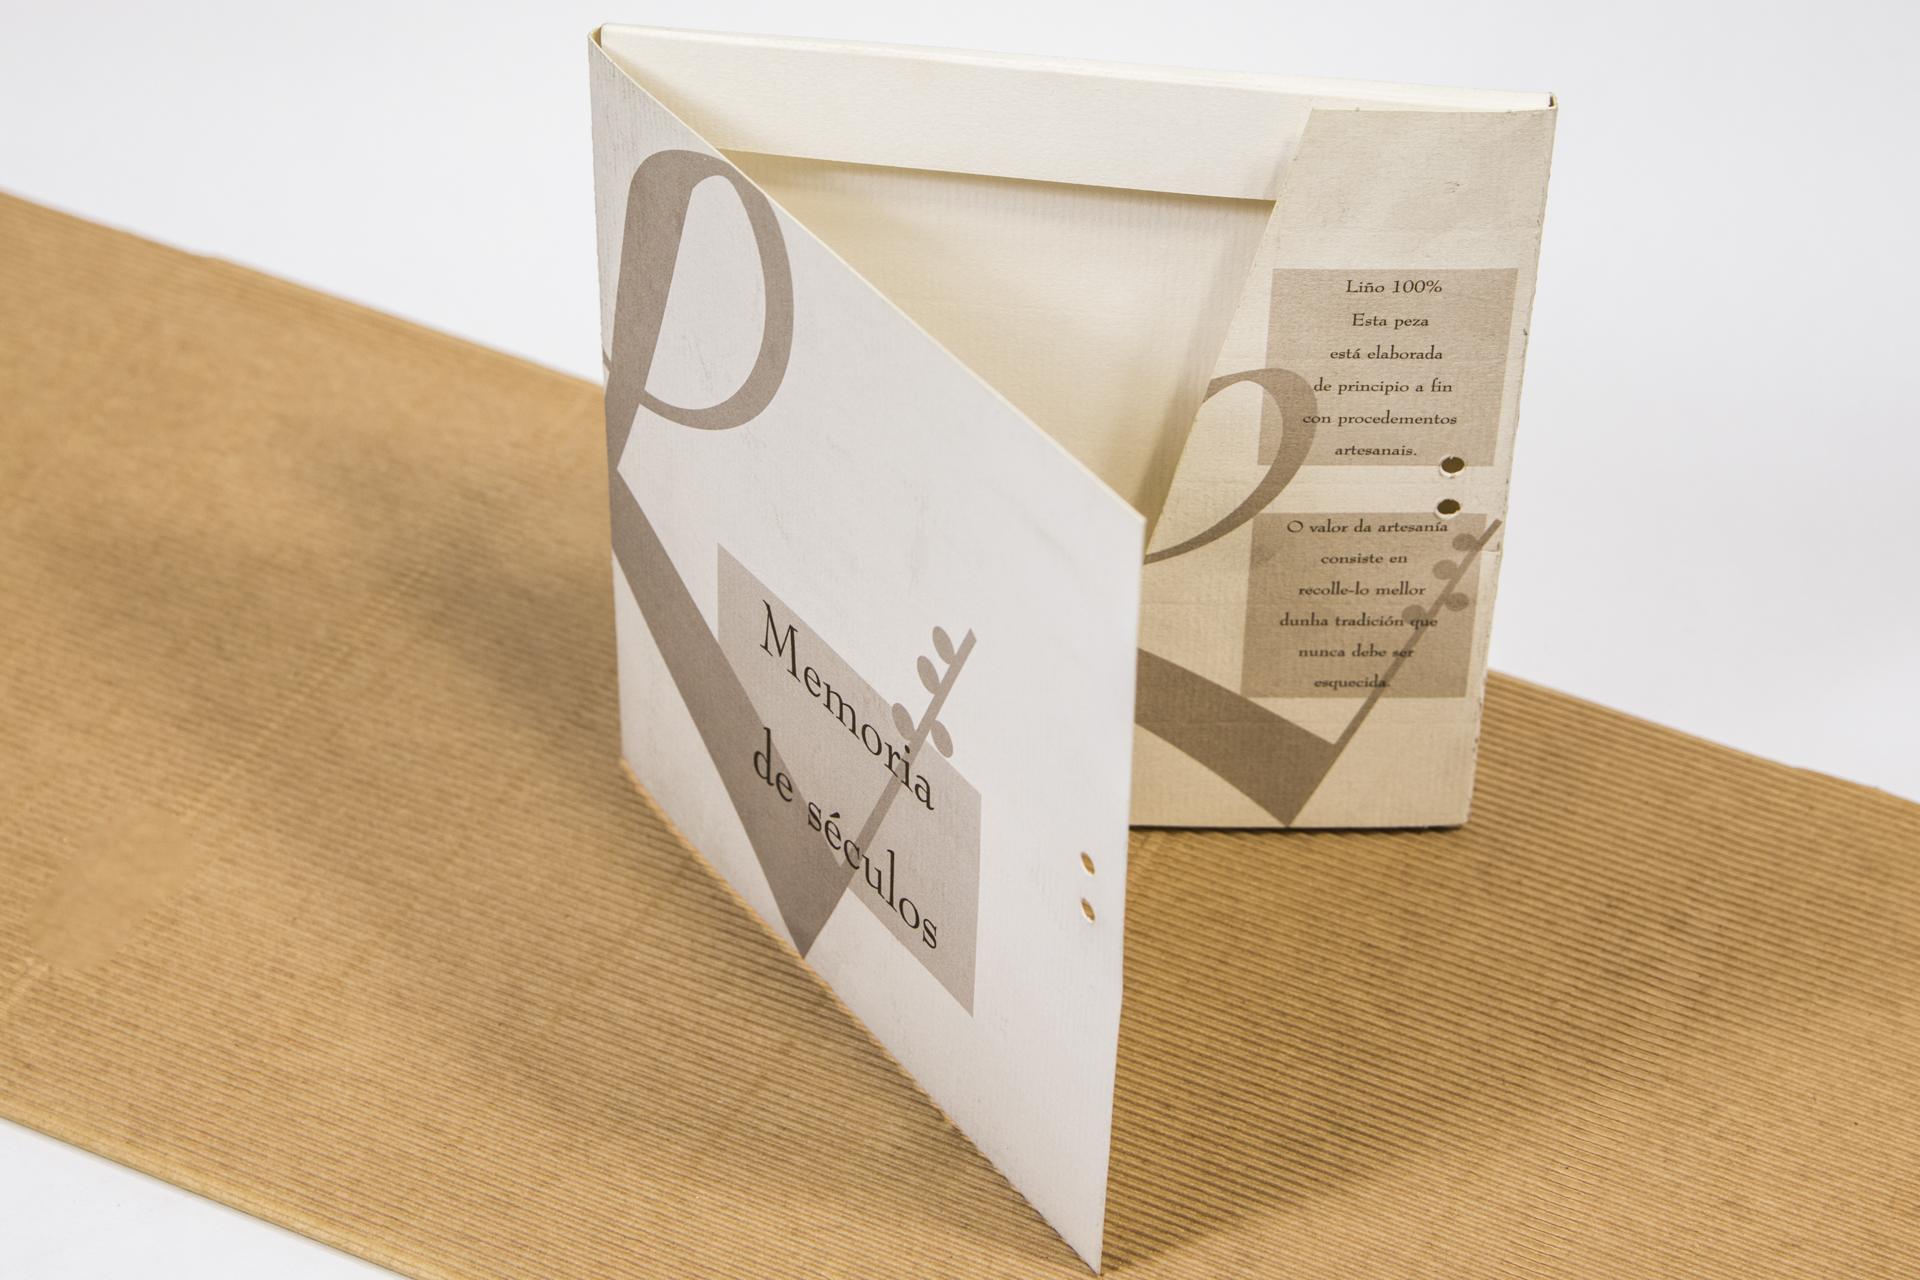 Carpeta impresa a una tinta en imprenta de a Coruña